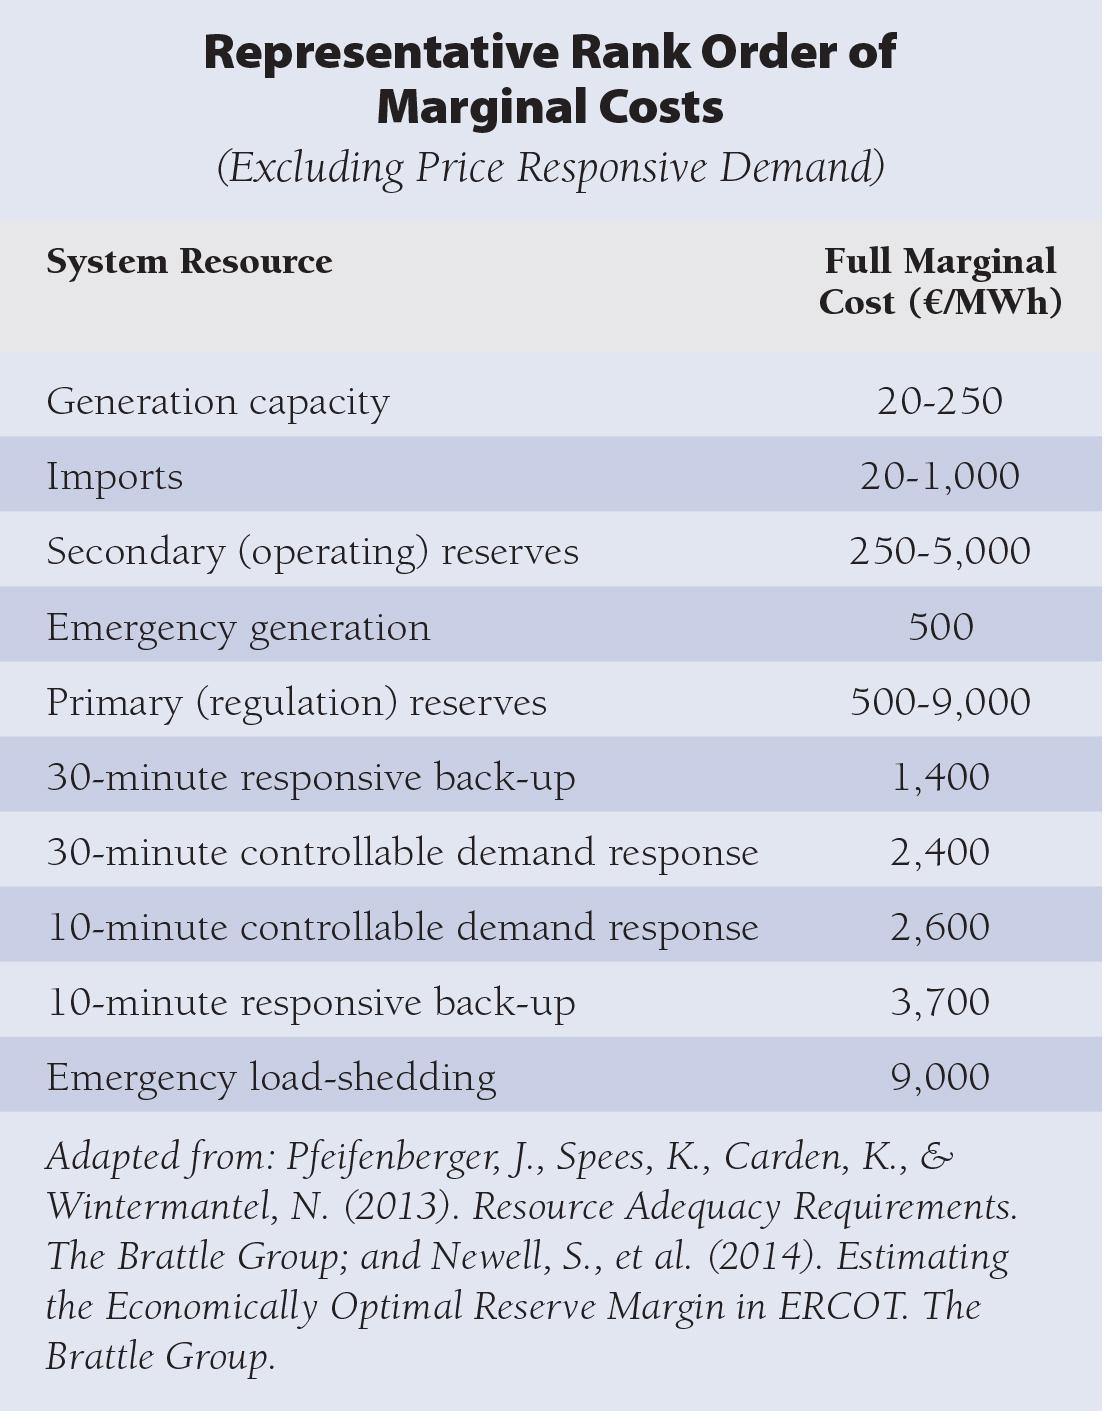 RAP Hogan Table 1 Marginal Costs rank order